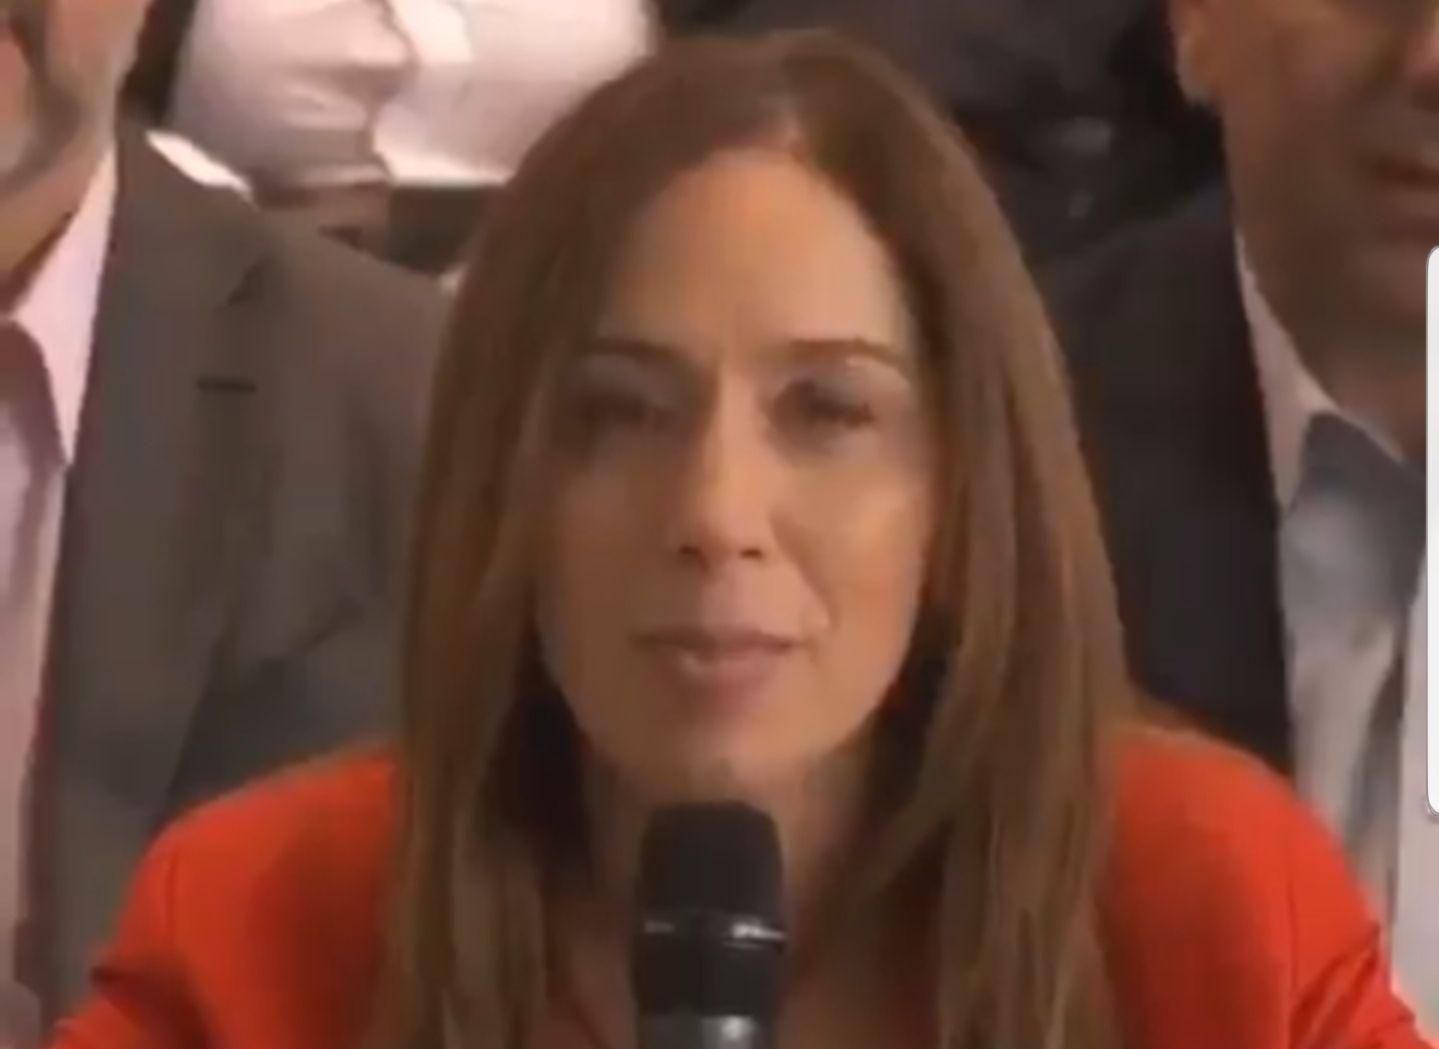 Ua captura del video de María Eugenia Vidal, que de ser cierta la información de Clarín sobre el acuerdo en CABA quizás nunca se viralice